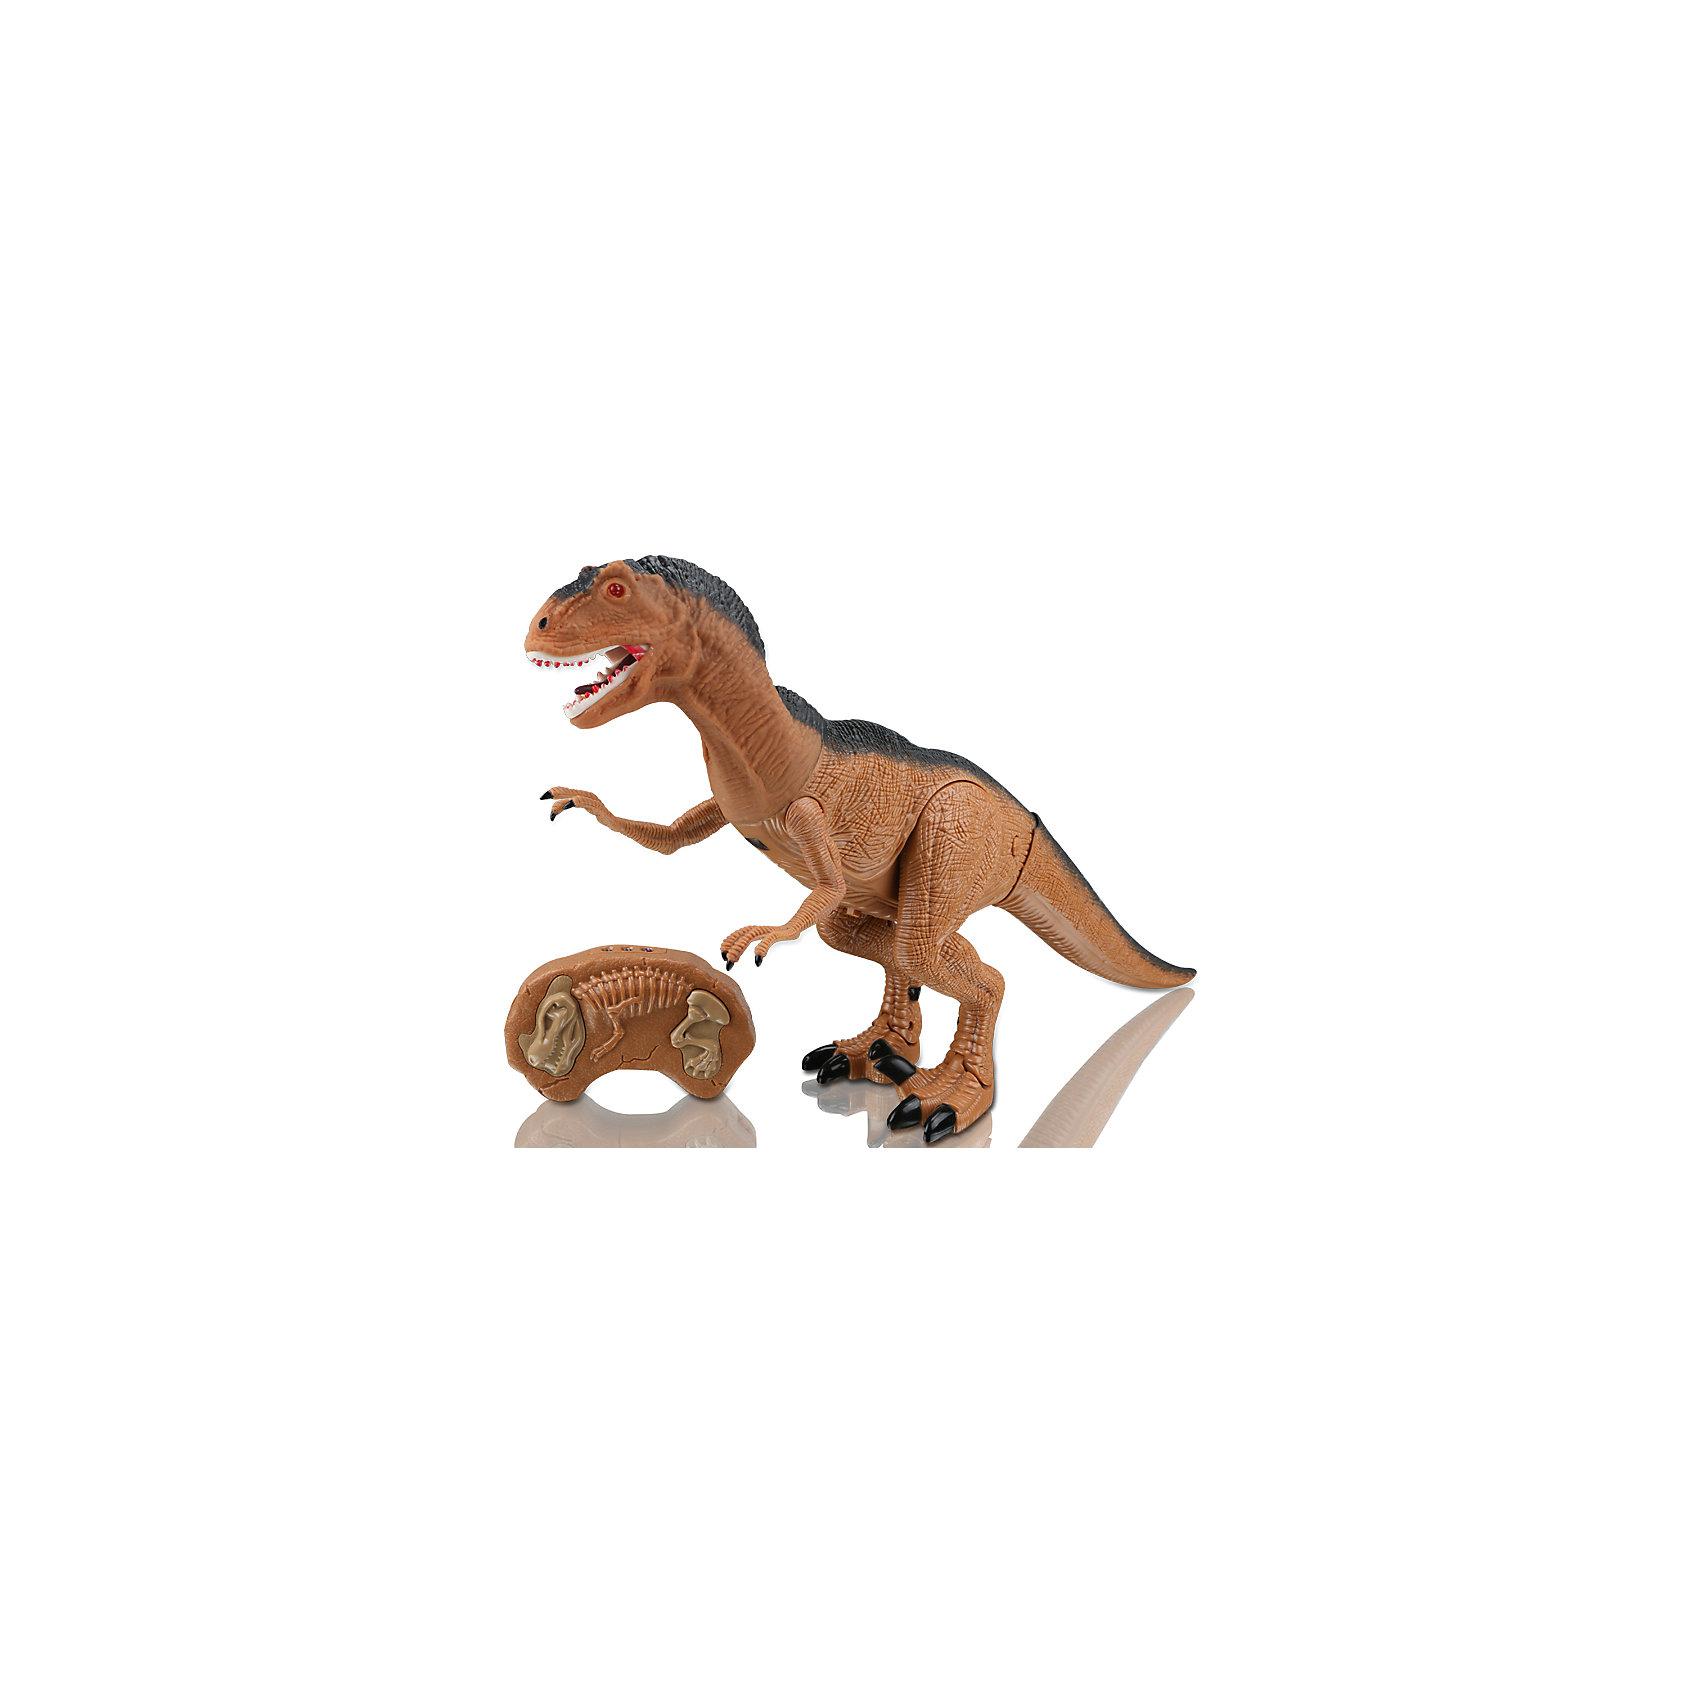 Динозавр на и/к управлении Грозный охотник, Mioshi ActiveИдеи подарков<br>Характеристики товара:<br><br>• возраст от 3 лет;<br>• материал: пластик;<br>• в комплекте: динозавр, пульт;<br>• игрушка работает от батареек (в комплект не входят);<br>• высота динозавра 47 см;<br>• размер упаковки 51х31х12 см;<br>• вес упаковки 1,45 кг;<br>• страна производитель: Китай.<br><br>Динозавр «Грозный охотник» Mioshi Active — игрушка, которая управляется при помощи пульта управления. Динозавр двигается, вертит головой и издает грозное рычание. При включении у него загораются глаза. Игрушка выполнена из качественного прочного материала. <br><br>Динозавра «Грозный охотник» Mioshi Active можно приобрести в нашем интернет-магазине.<br><br>Ширина мм: 510<br>Глубина мм: 120<br>Высота мм: 310<br>Вес г: 1450<br>Возраст от месяцев: 36<br>Возраст до месяцев: 72<br>Пол: Унисекс<br>Возраст: Детский<br>SKU: 5581246